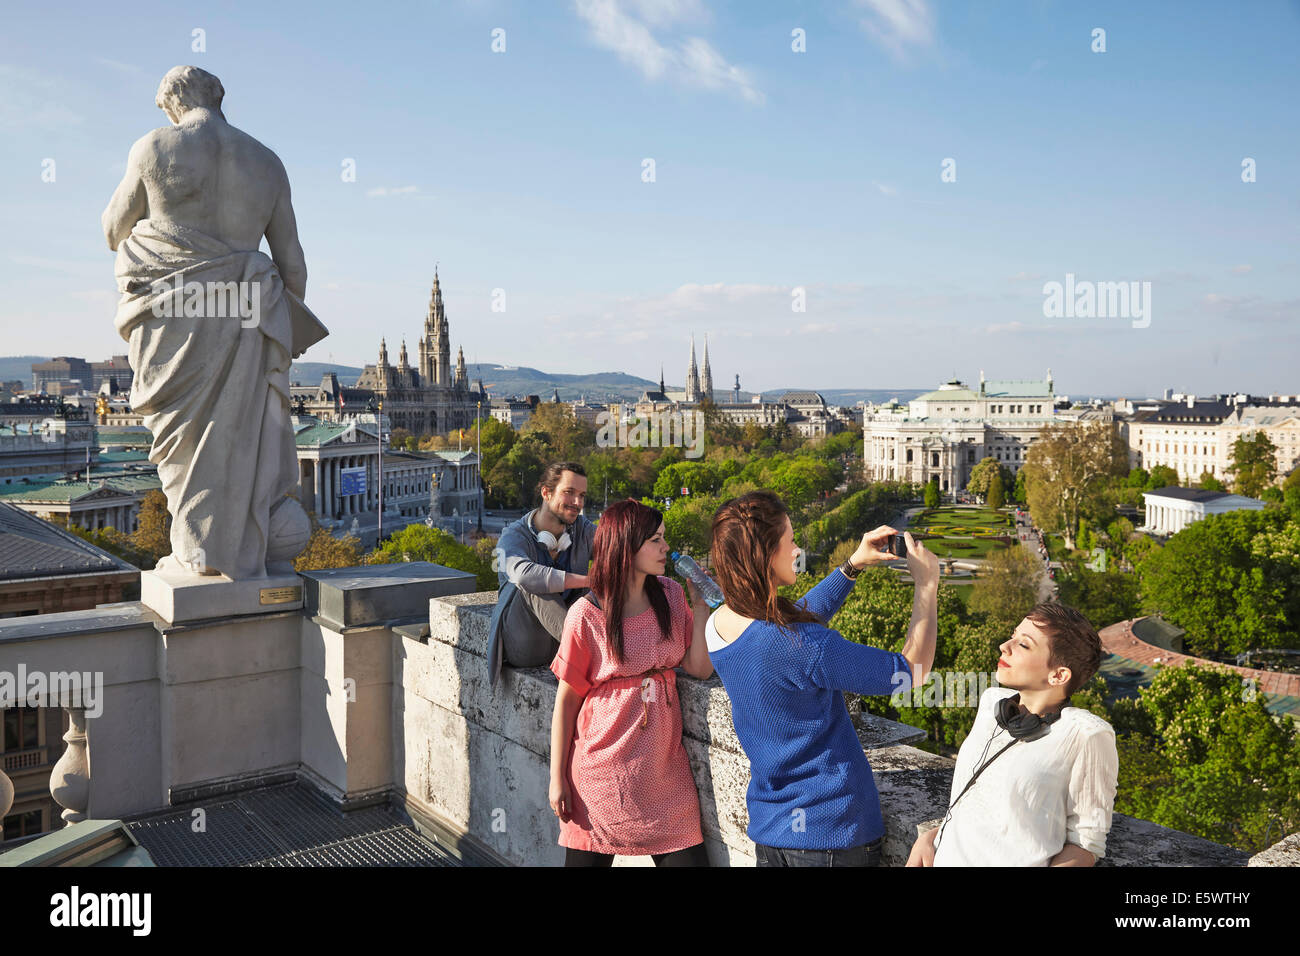 Gruppe von jungen Erwachsenen Touristen fotografieren, Wien, Österreich Stockbild